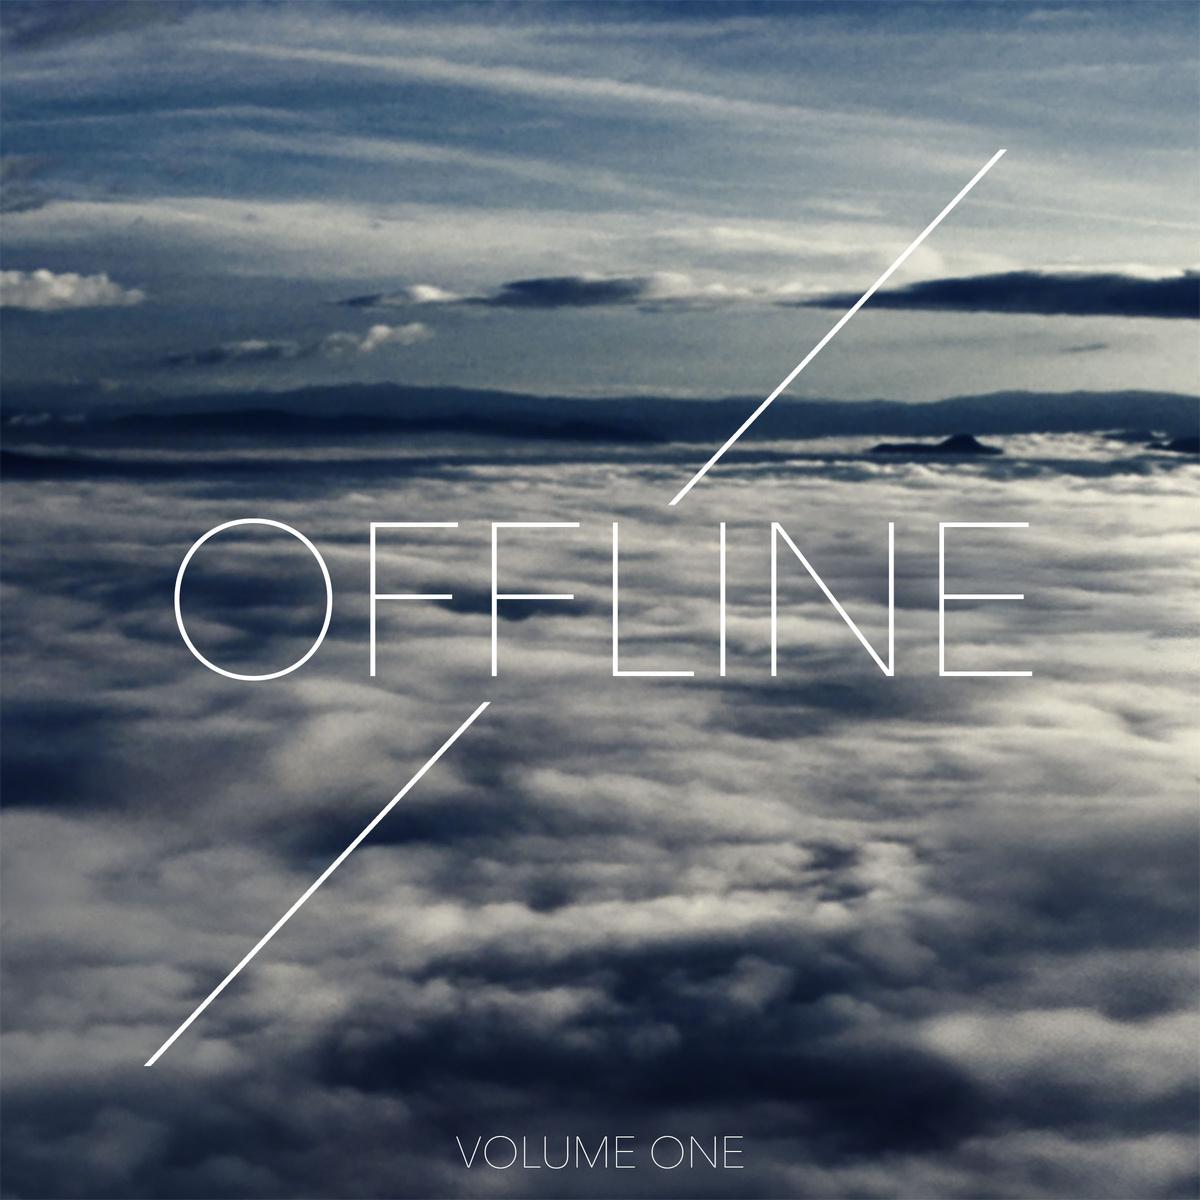 offline_vol1